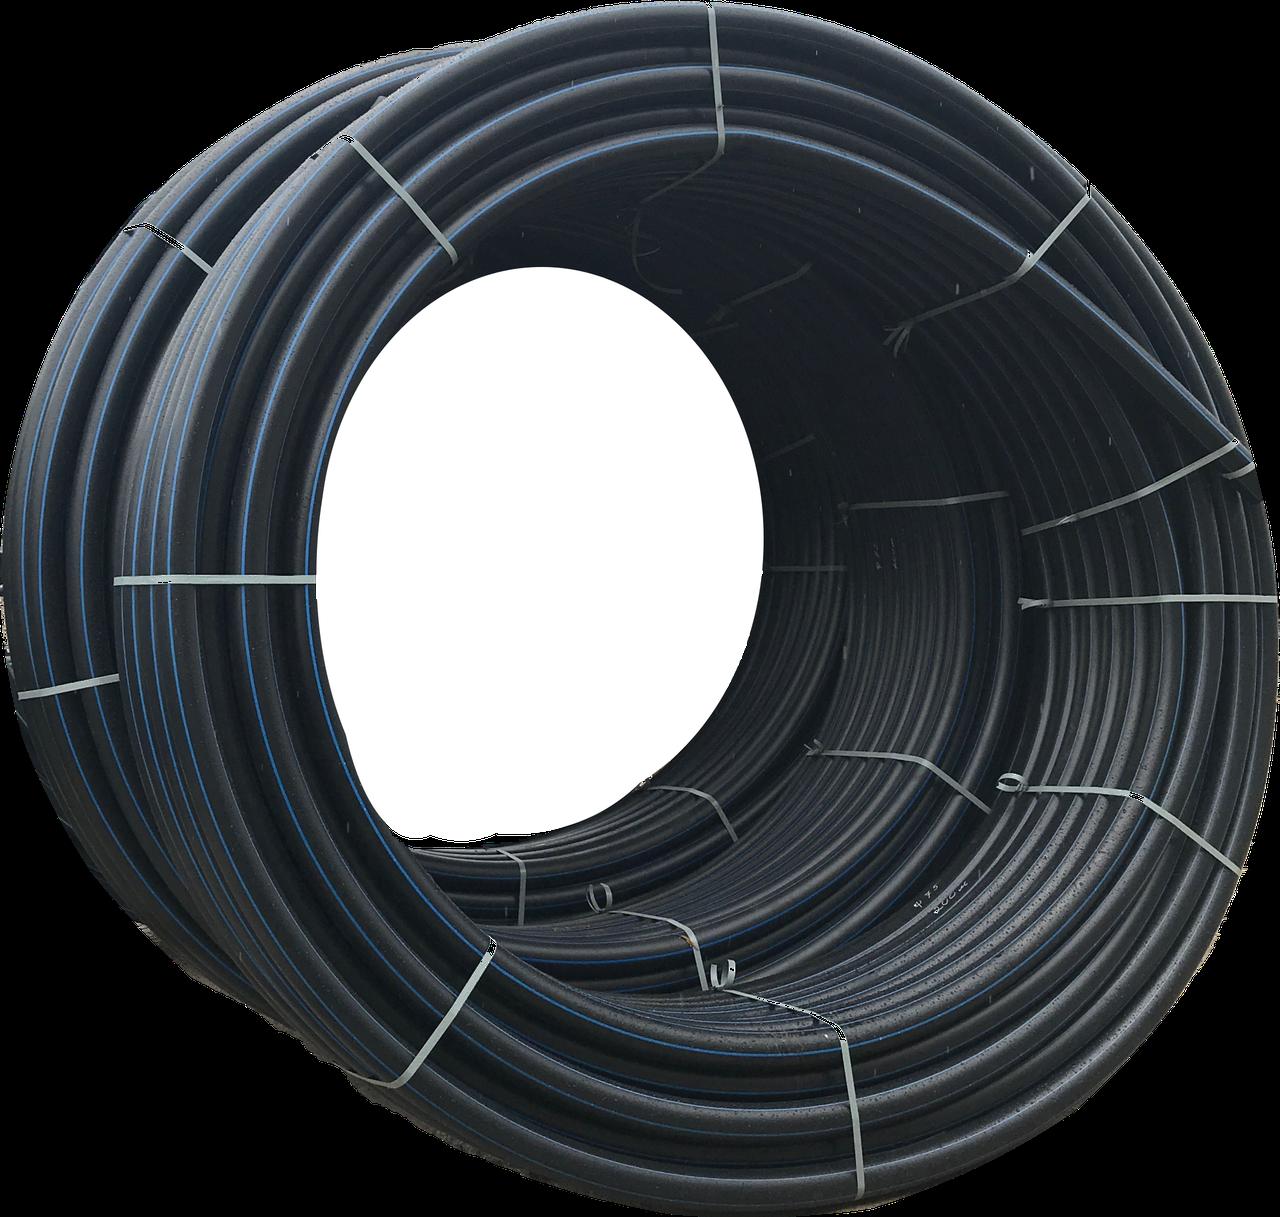 Труба ПЭ техническая D90х4,3мм 6 бар SDR 21 бухта 100м